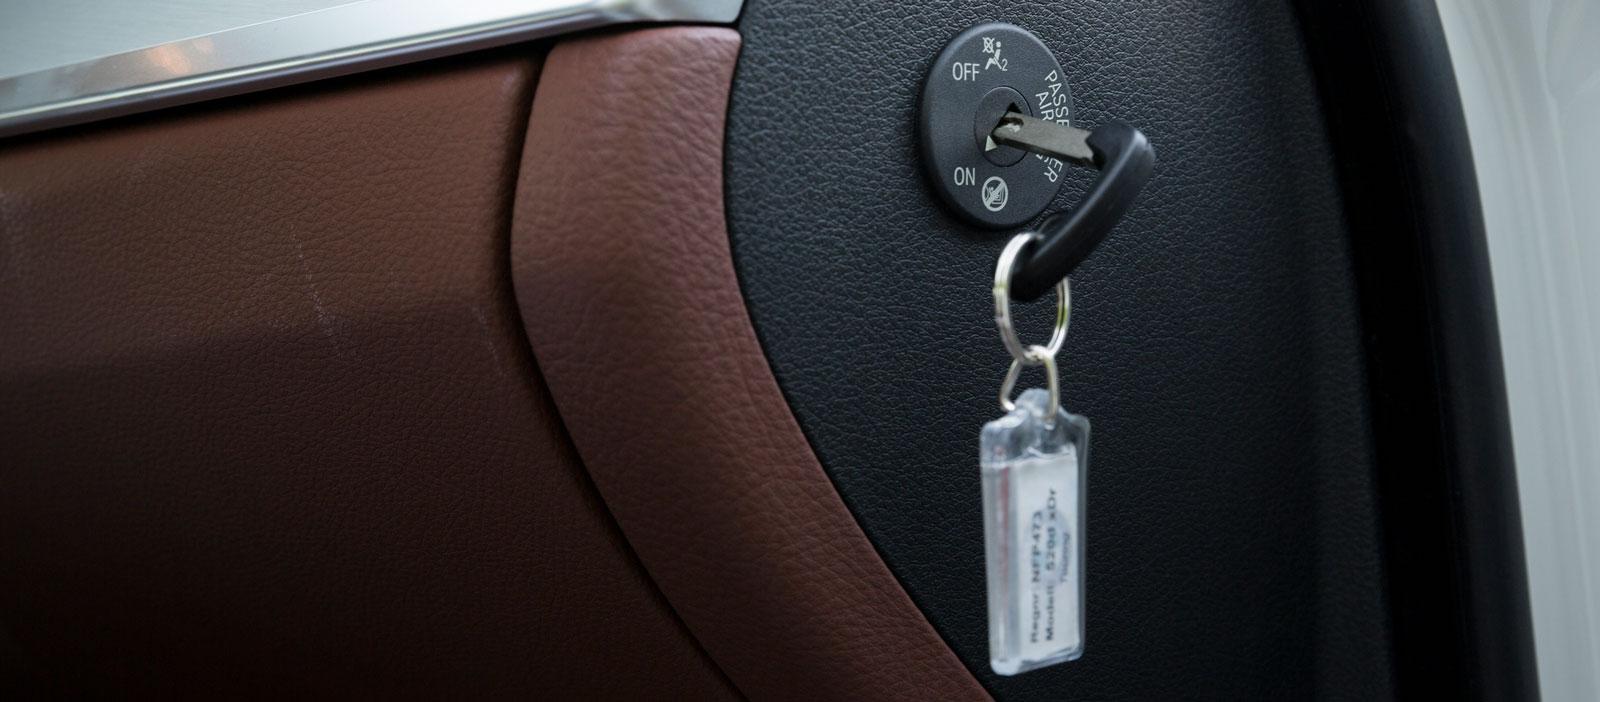 I BMW kan passagerarkrockkudden enkelt stängas av med nyckel.